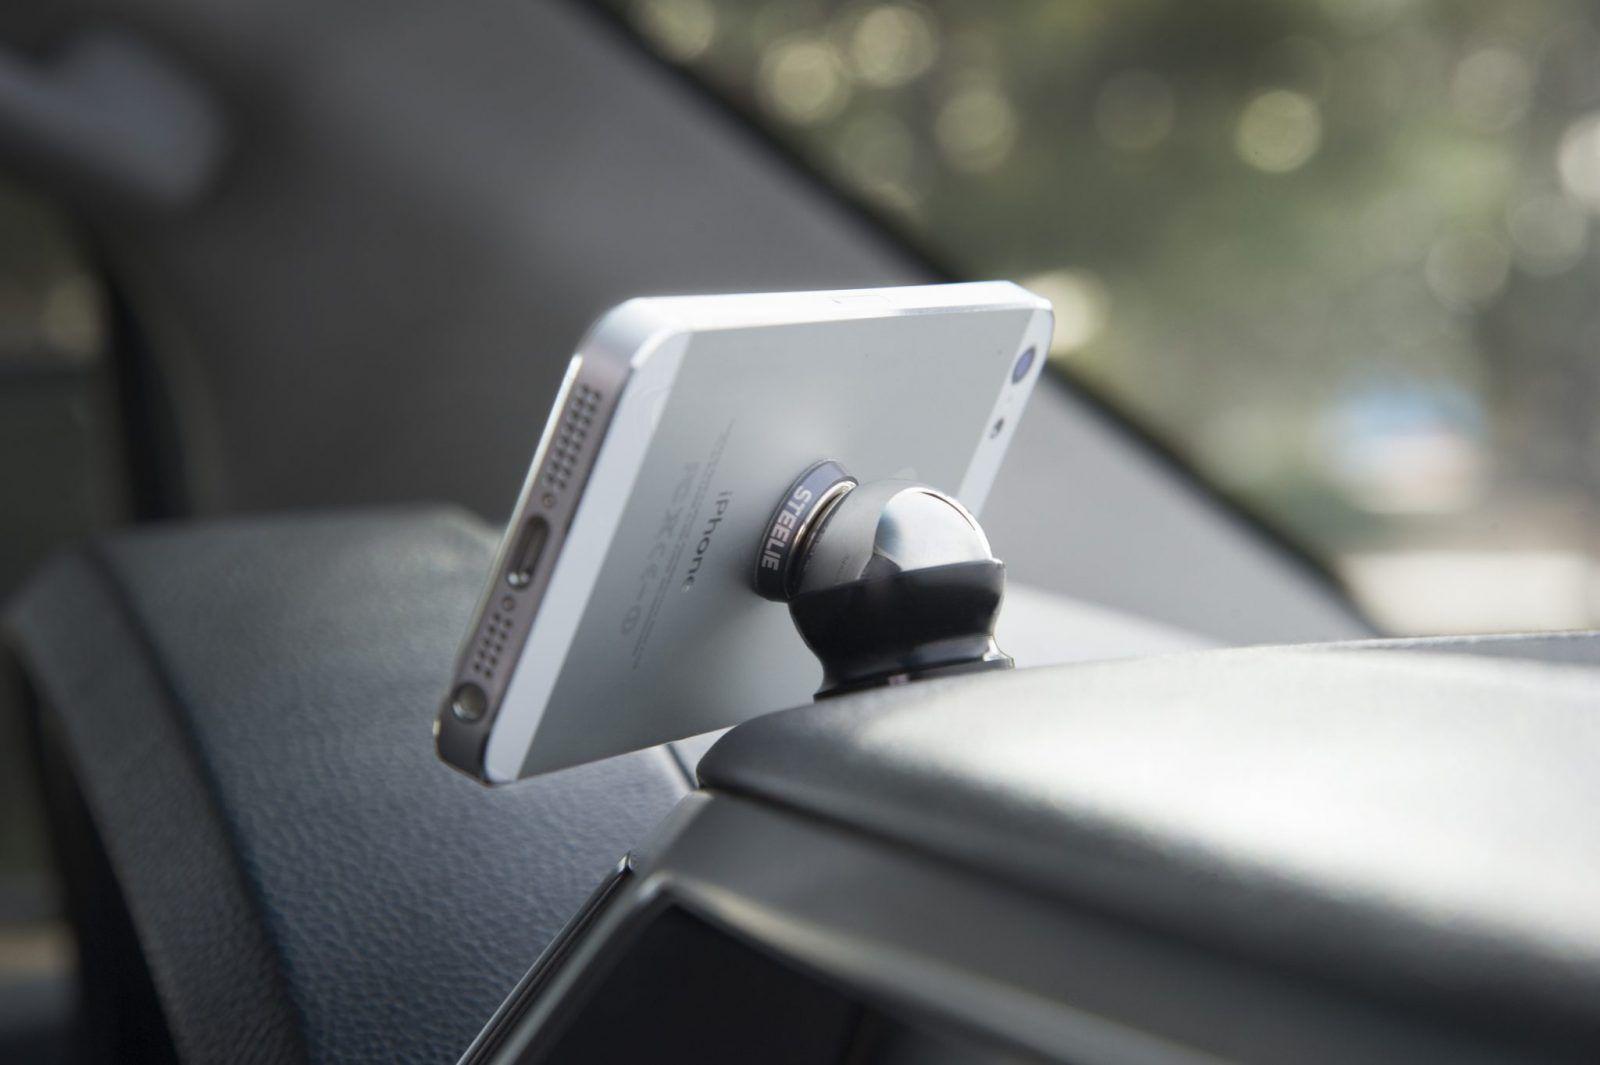 Recenzja STEELIE Car Mount Kit – Doskonały sposób na subtelny montaż iPhone?a w aucie